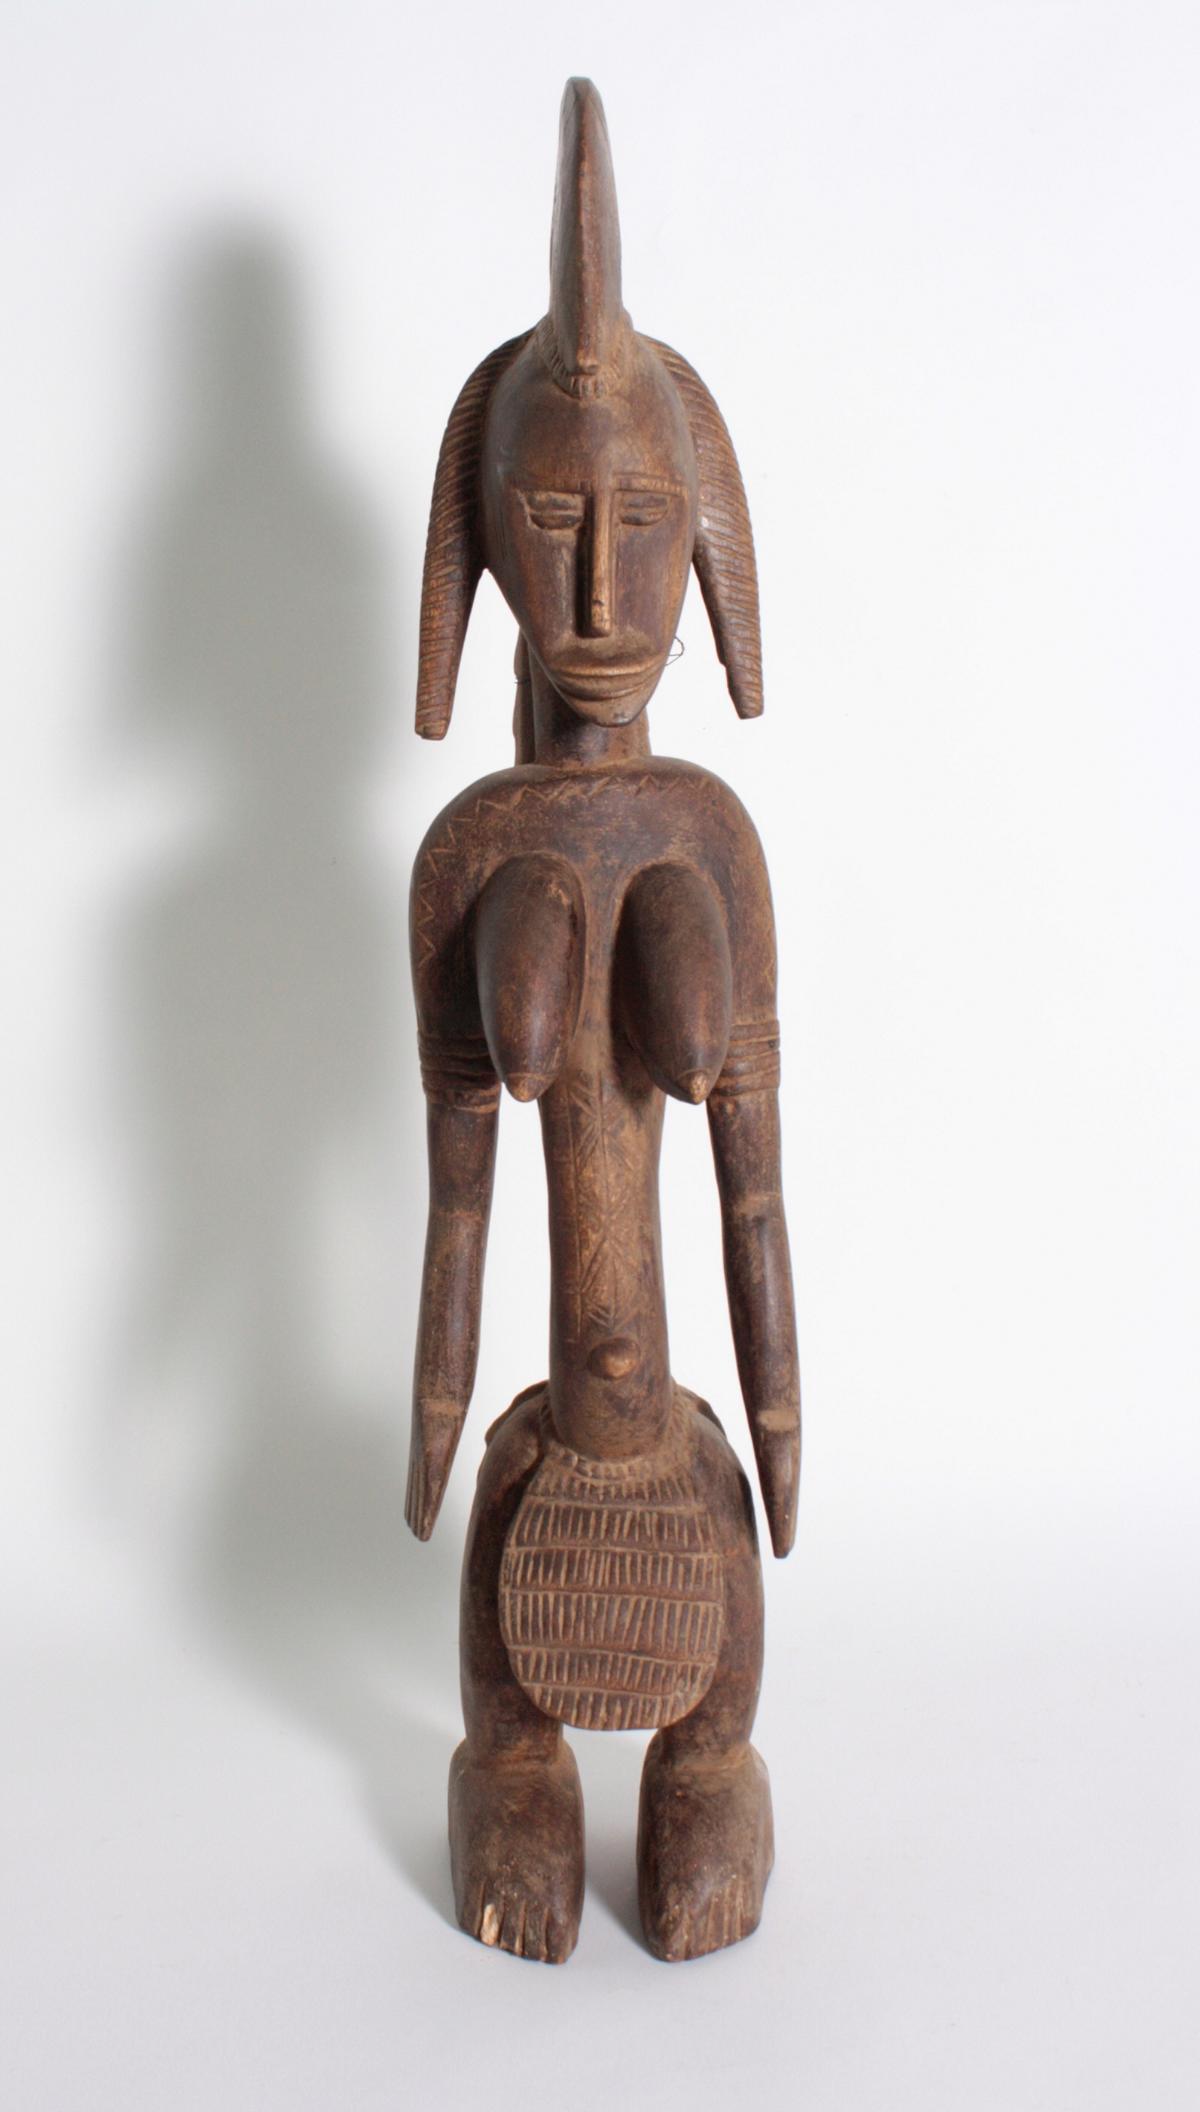 Stehende Frauenfigur, Senufo/Elfenbeinküste, 1. Hälfte 20. Jh.